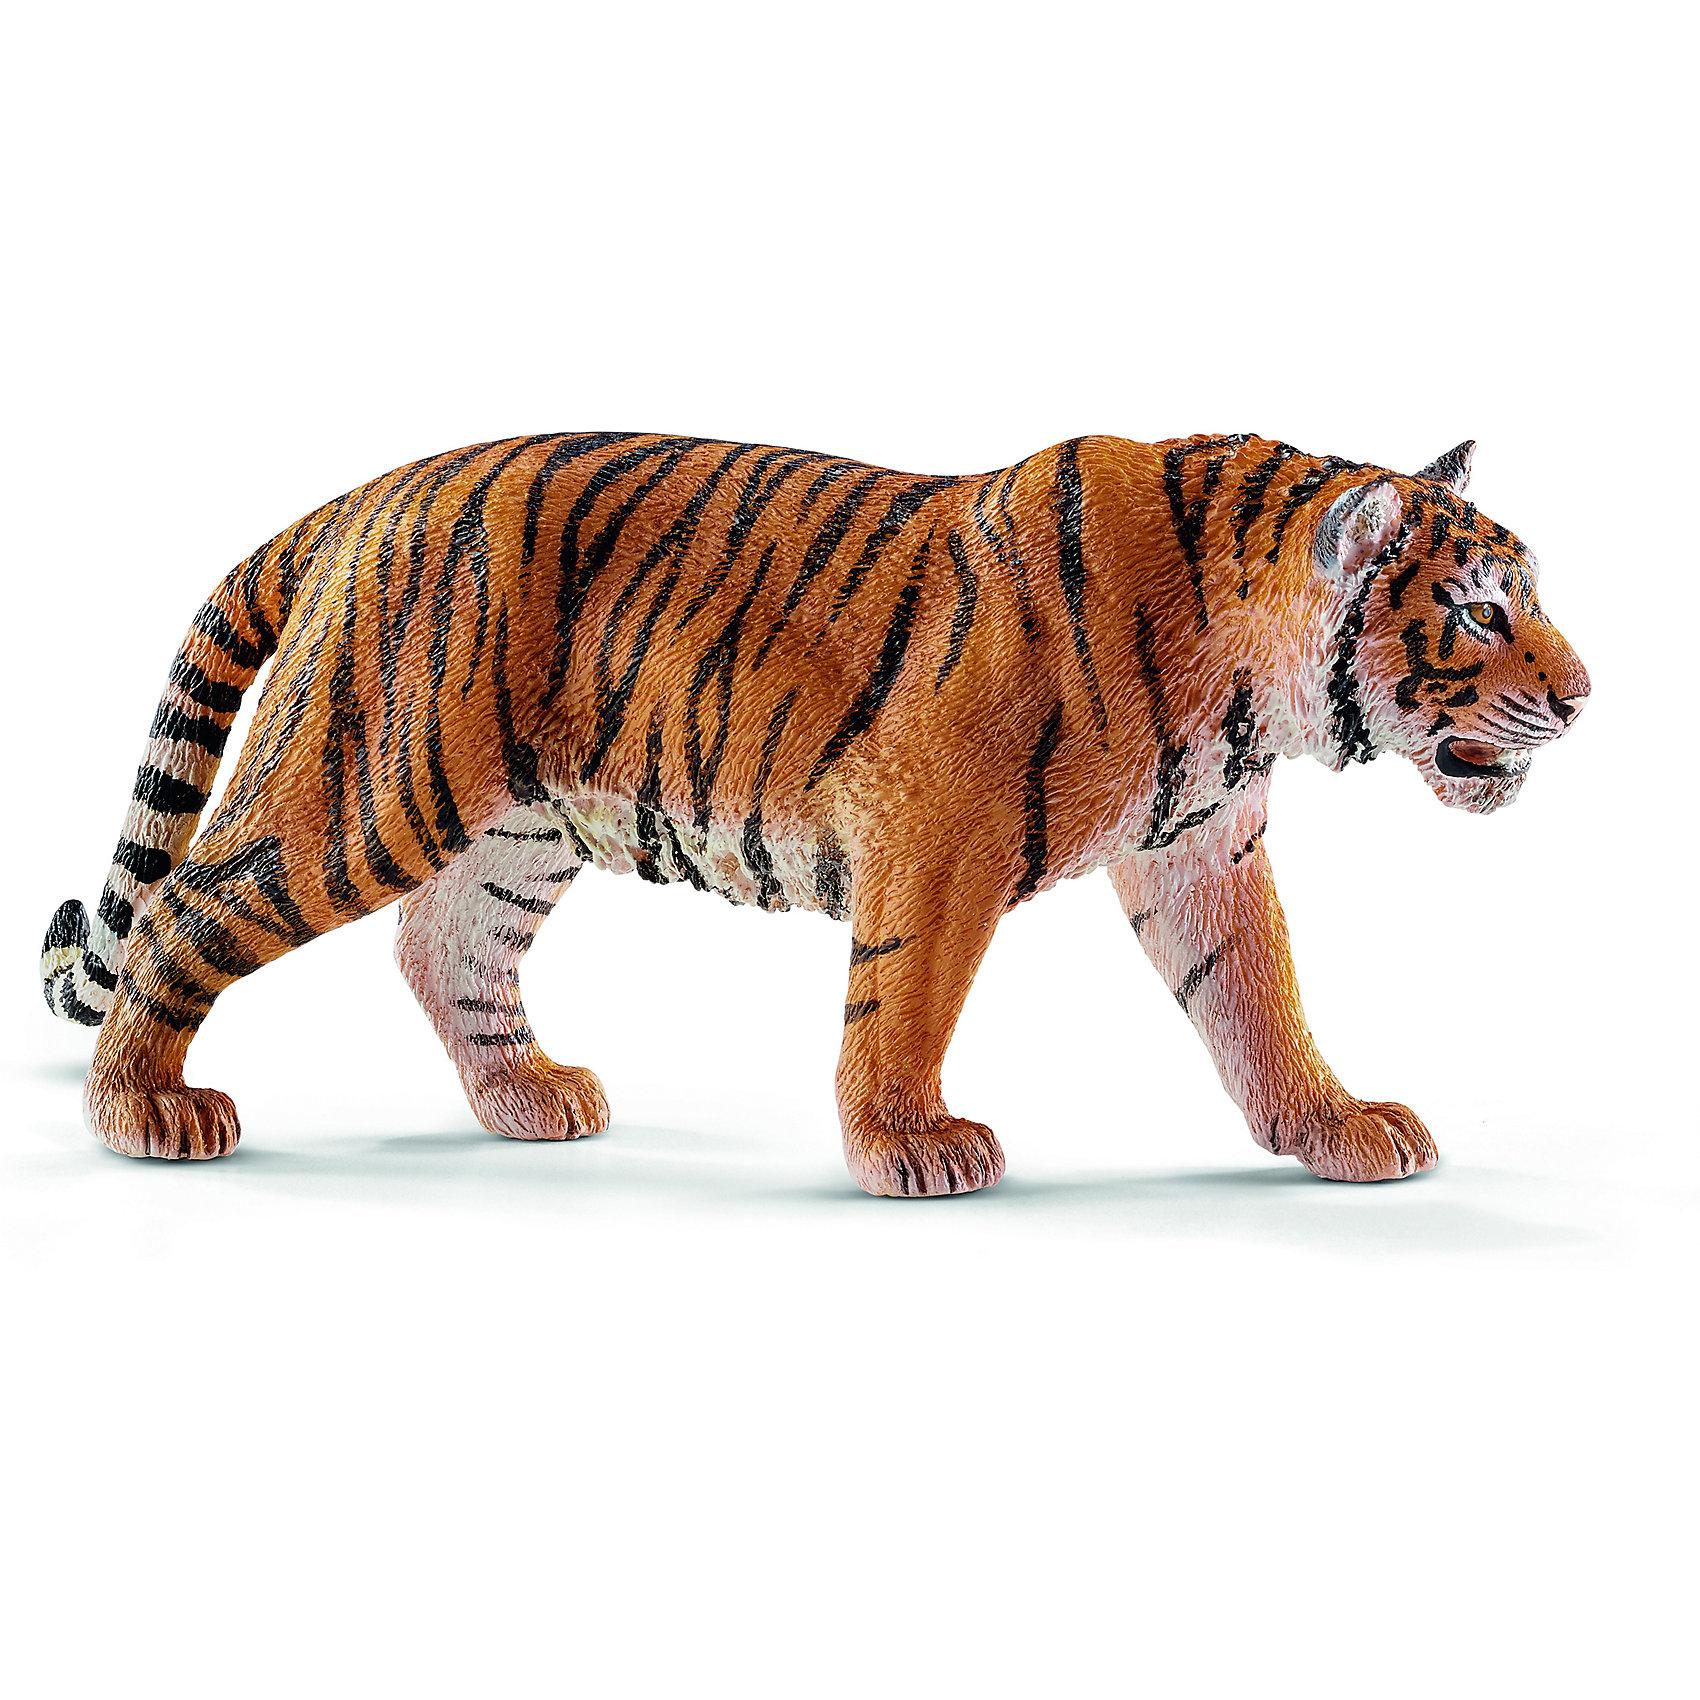 Тигр, SchleichМир животных<br>Тигр, Schleich (Шляйх) – это высококачественная коллекционная и игровая фигурка.<br>Фигурка Тигра прекрасно разнообразит игру вашего ребенка и станет отличным пополнением коллекции его фигурок животных. Тигр является крупнейшей и самой тяжёлой из диких кошек. Тигры очень быстрые и при этом незаметные хищники, а также великолепные пловцы. Тело у тигра массивное, вытянутое, мускулистое, гибкое. Передняя часть тела развита сильнее, чем задняя. Полосы на теле тигра разнообразны и уникальны. Основной функцией полос является маскировка хищника при охоте. Фигурка тигра выполнена в оранжевом цвете с черными полосками. Тигр стоит на четырех лапах, рот его приоткрыт. <br>Прекрасно выполненные фигурки Schleich (Шляйх) являются максимально точной копией настоящих животных и отличаются высочайшим качеством игрушек ручной работы. Каждая фигурка разработана с учетом исследований в области педагогики и производится как настоящее произведение для маленьких детских ручек. Все фигурки Schleich (Шляйх) сделаны из гипоаллергенных высокотехнологичных материалов, раскрашены вручную и не вызывают аллергии у ребенка.<br><br>Дополнительная информация:<br><br>- Размер фигурки: 5,4 x 13 x 2,7 см.<br>- Материал: высококачественный каучуковый пластик<br><br>Фигурку Тигра, Schleich (Шляйх) можно купить в нашем интернет-магазине.<br><br>Ширина мм: 169<br>Глубина мм: 60<br>Высота мм: 32<br>Вес г: 52<br>Возраст от месяцев: 36<br>Возраст до месяцев: 96<br>Пол: Унисекс<br>Возраст: Детский<br>SKU: 3902536